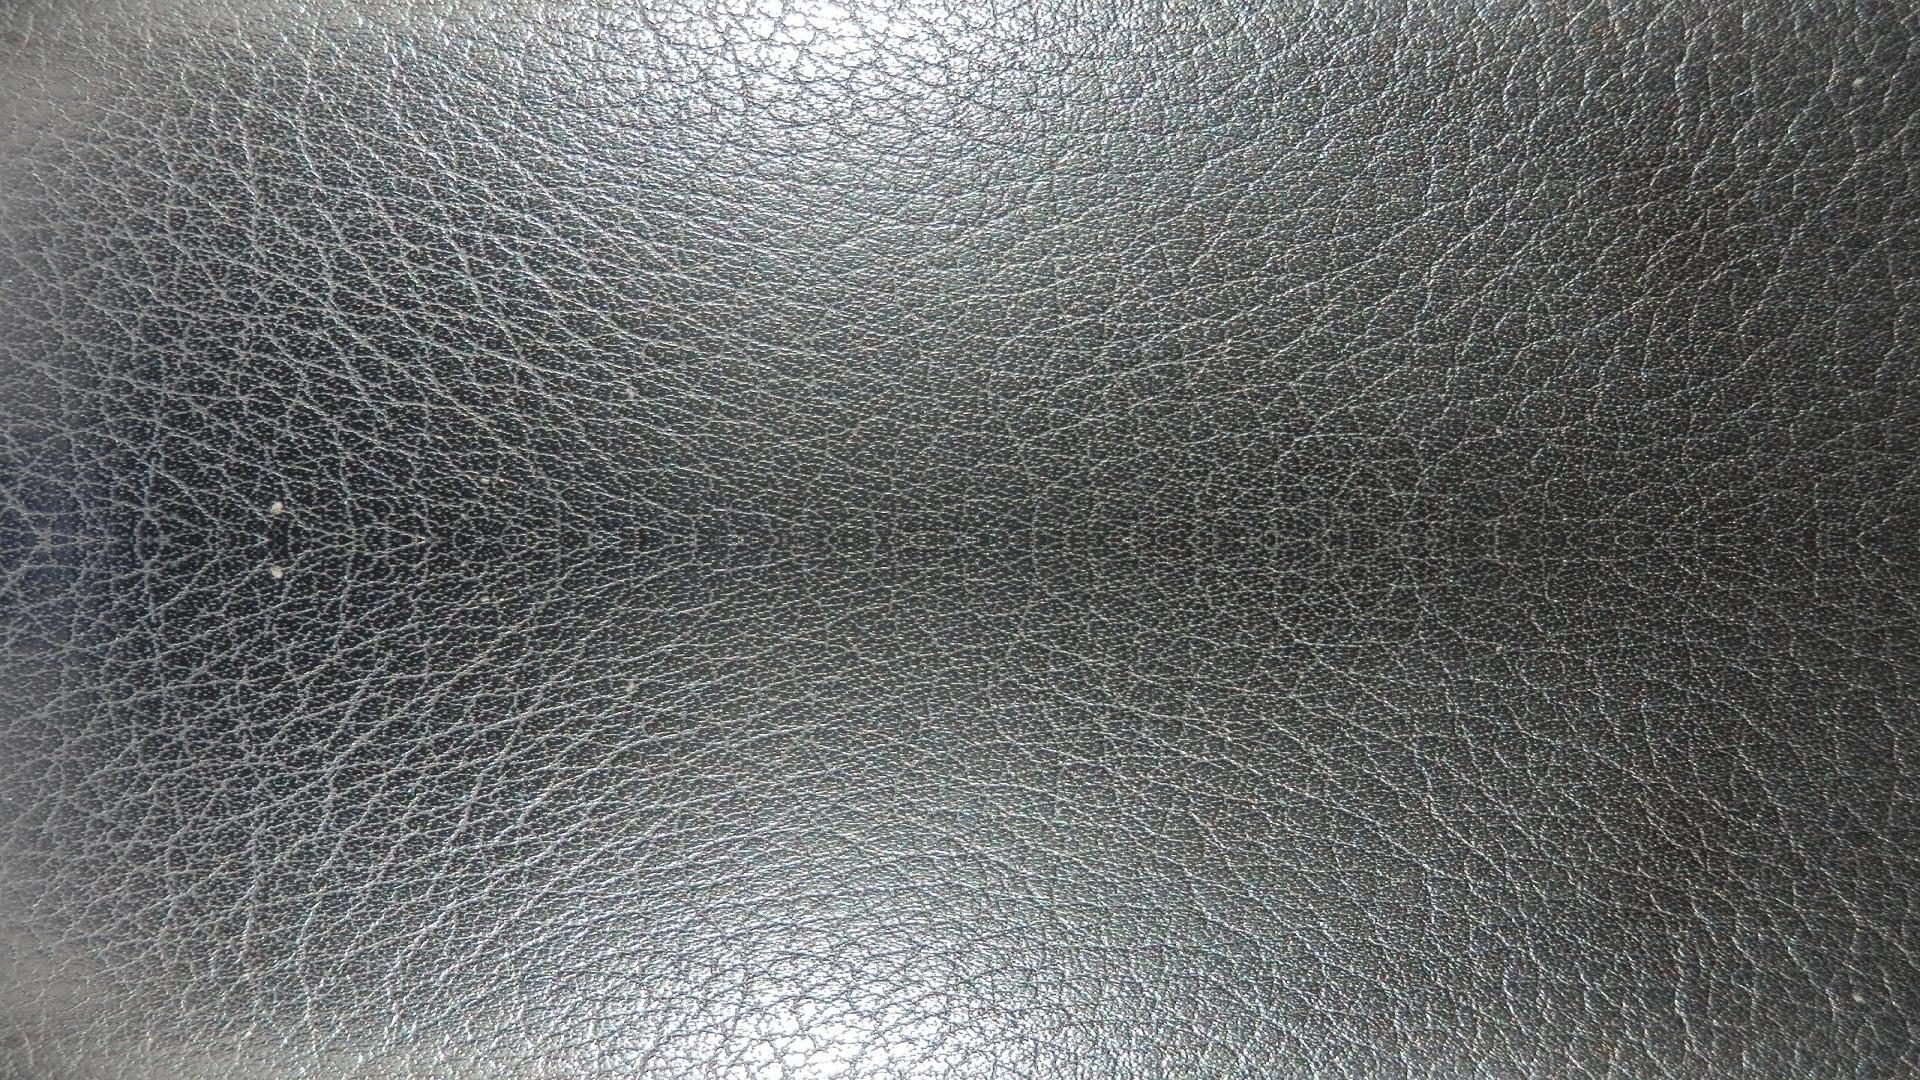 White Black Texture Skin Silver Asphalt Light Material Floor Flooring